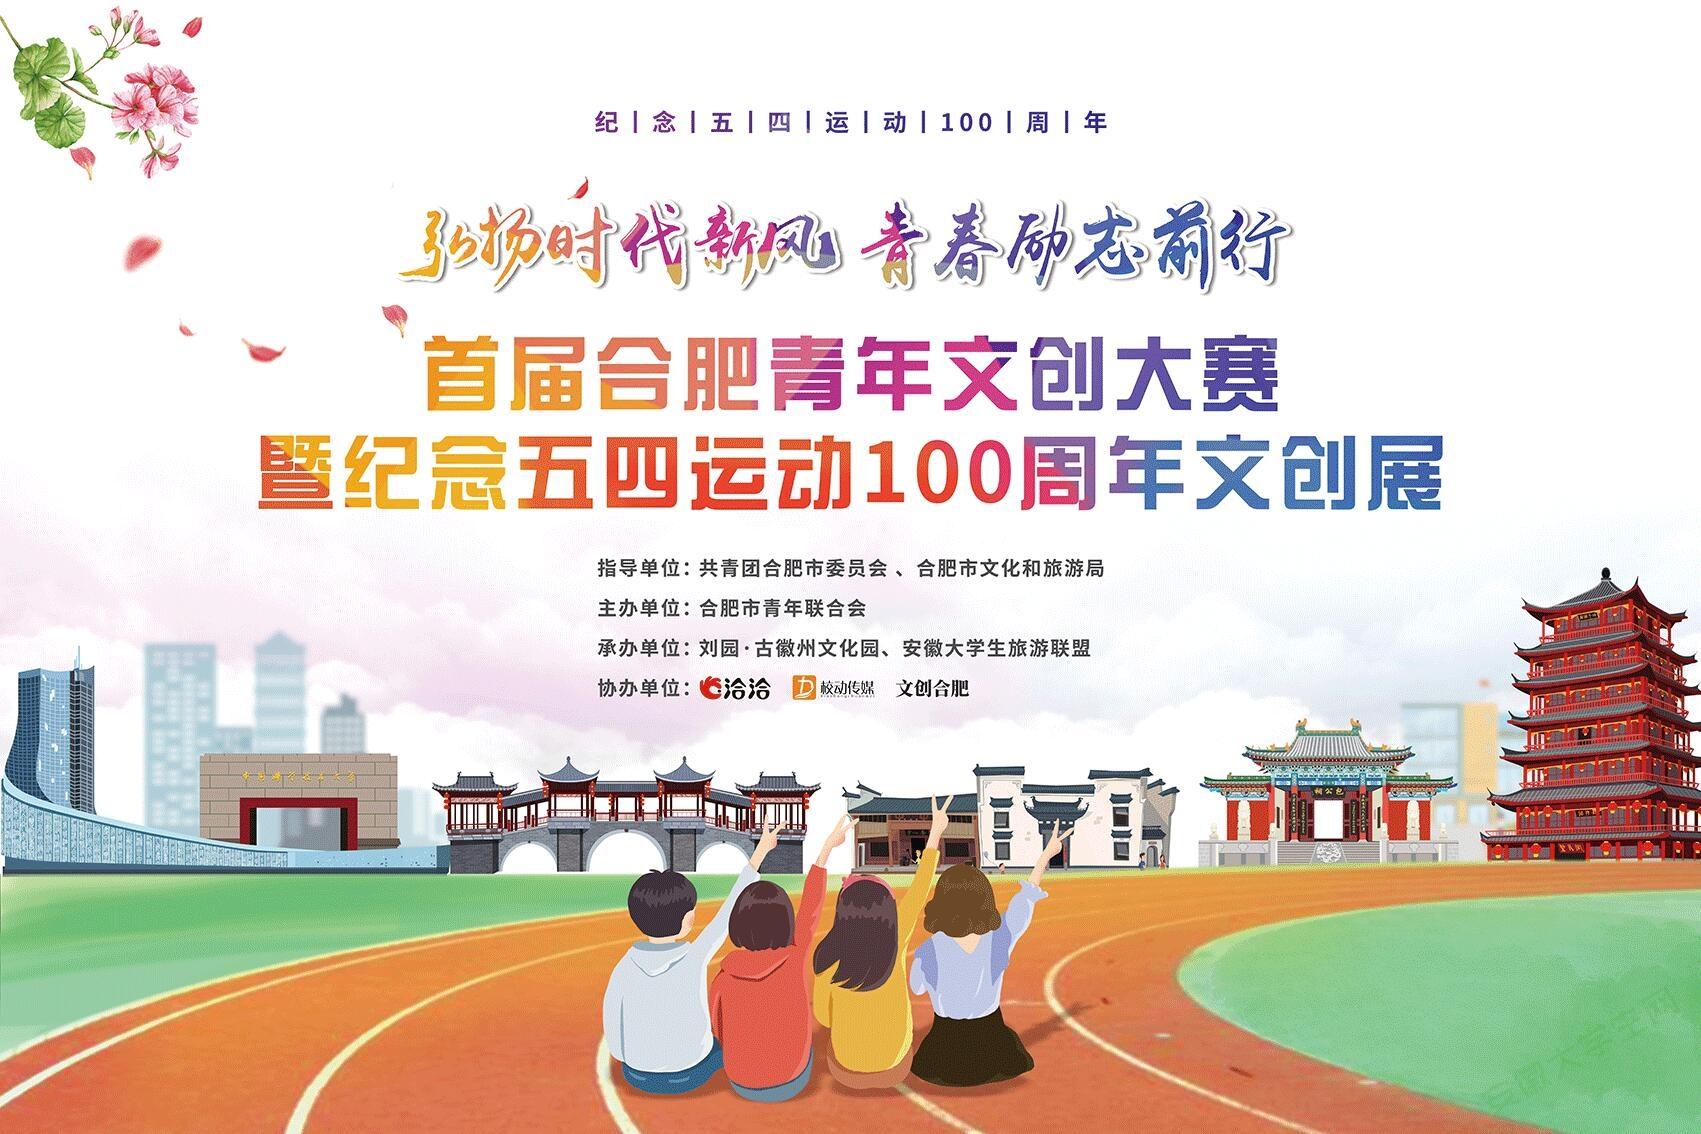 首届合肥青年文创大赛暨纪念五四运动100周年文创展启动!